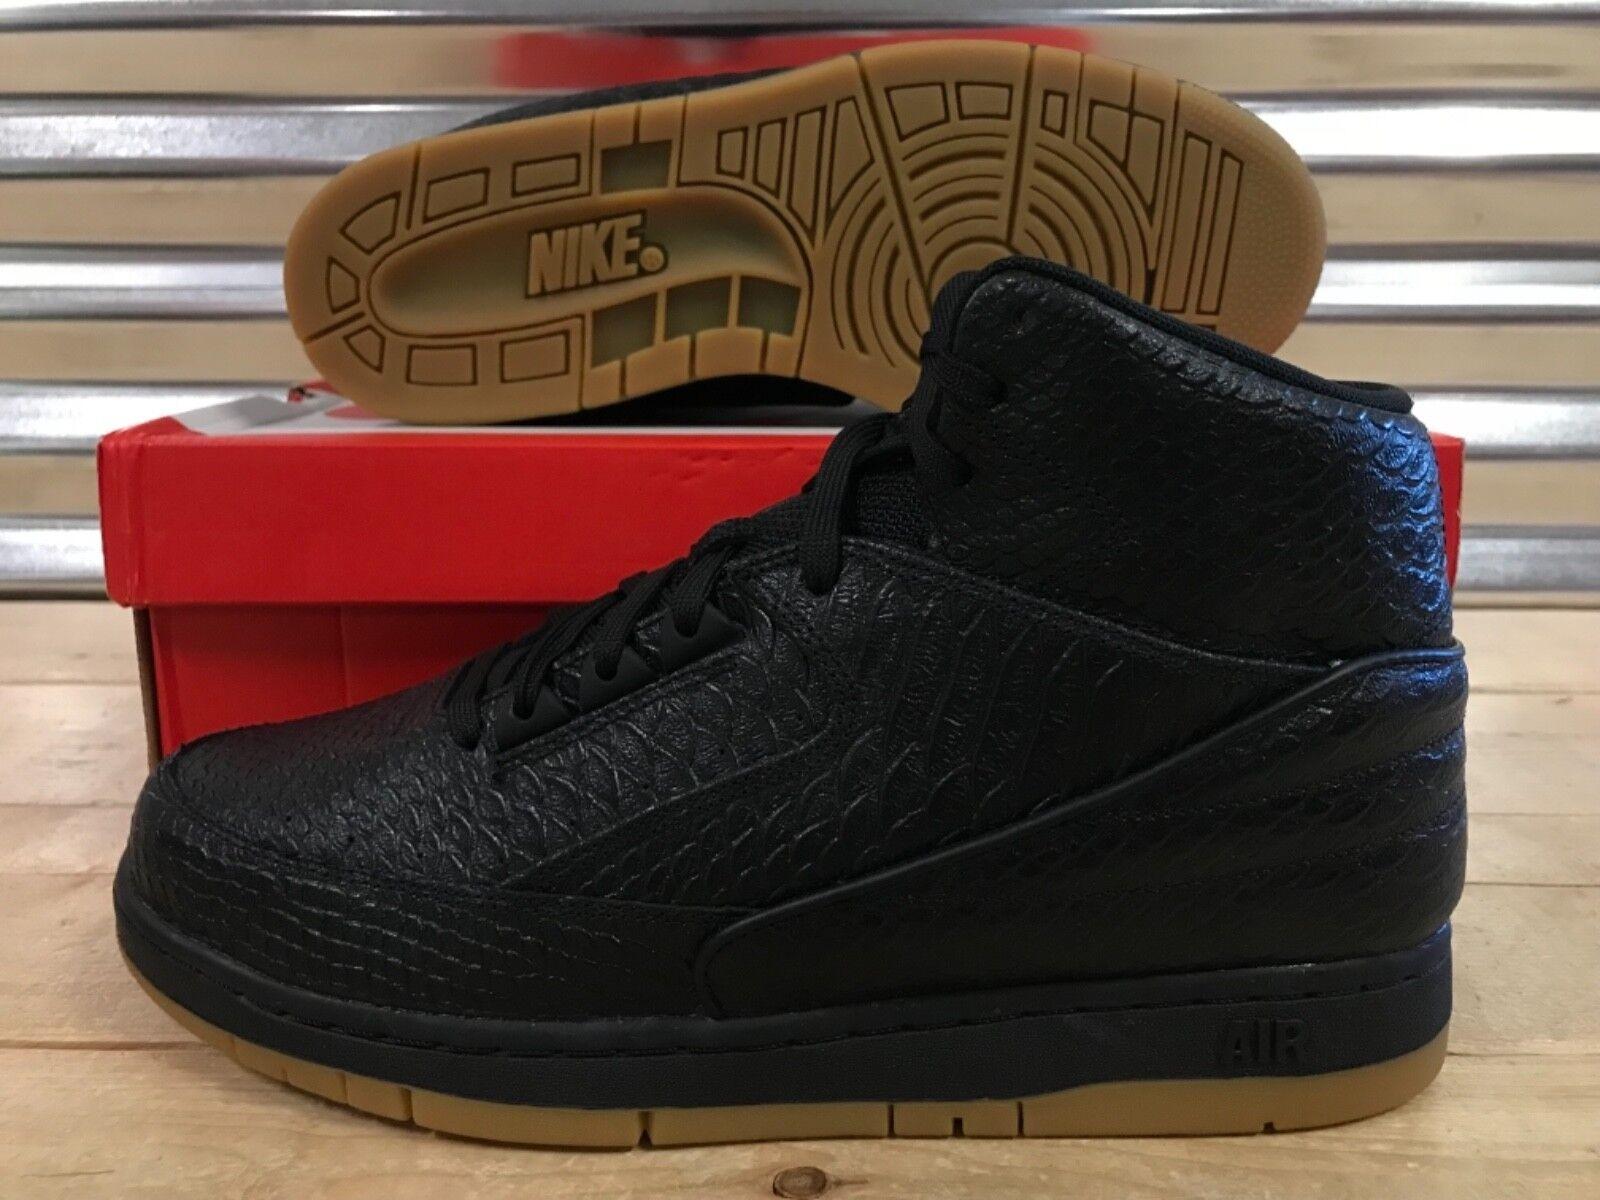 Nike Nike Nike Air Python Premium scarpe Snakeskin Leather nero Gum SZ ( 705066-001 ) 3eeb09